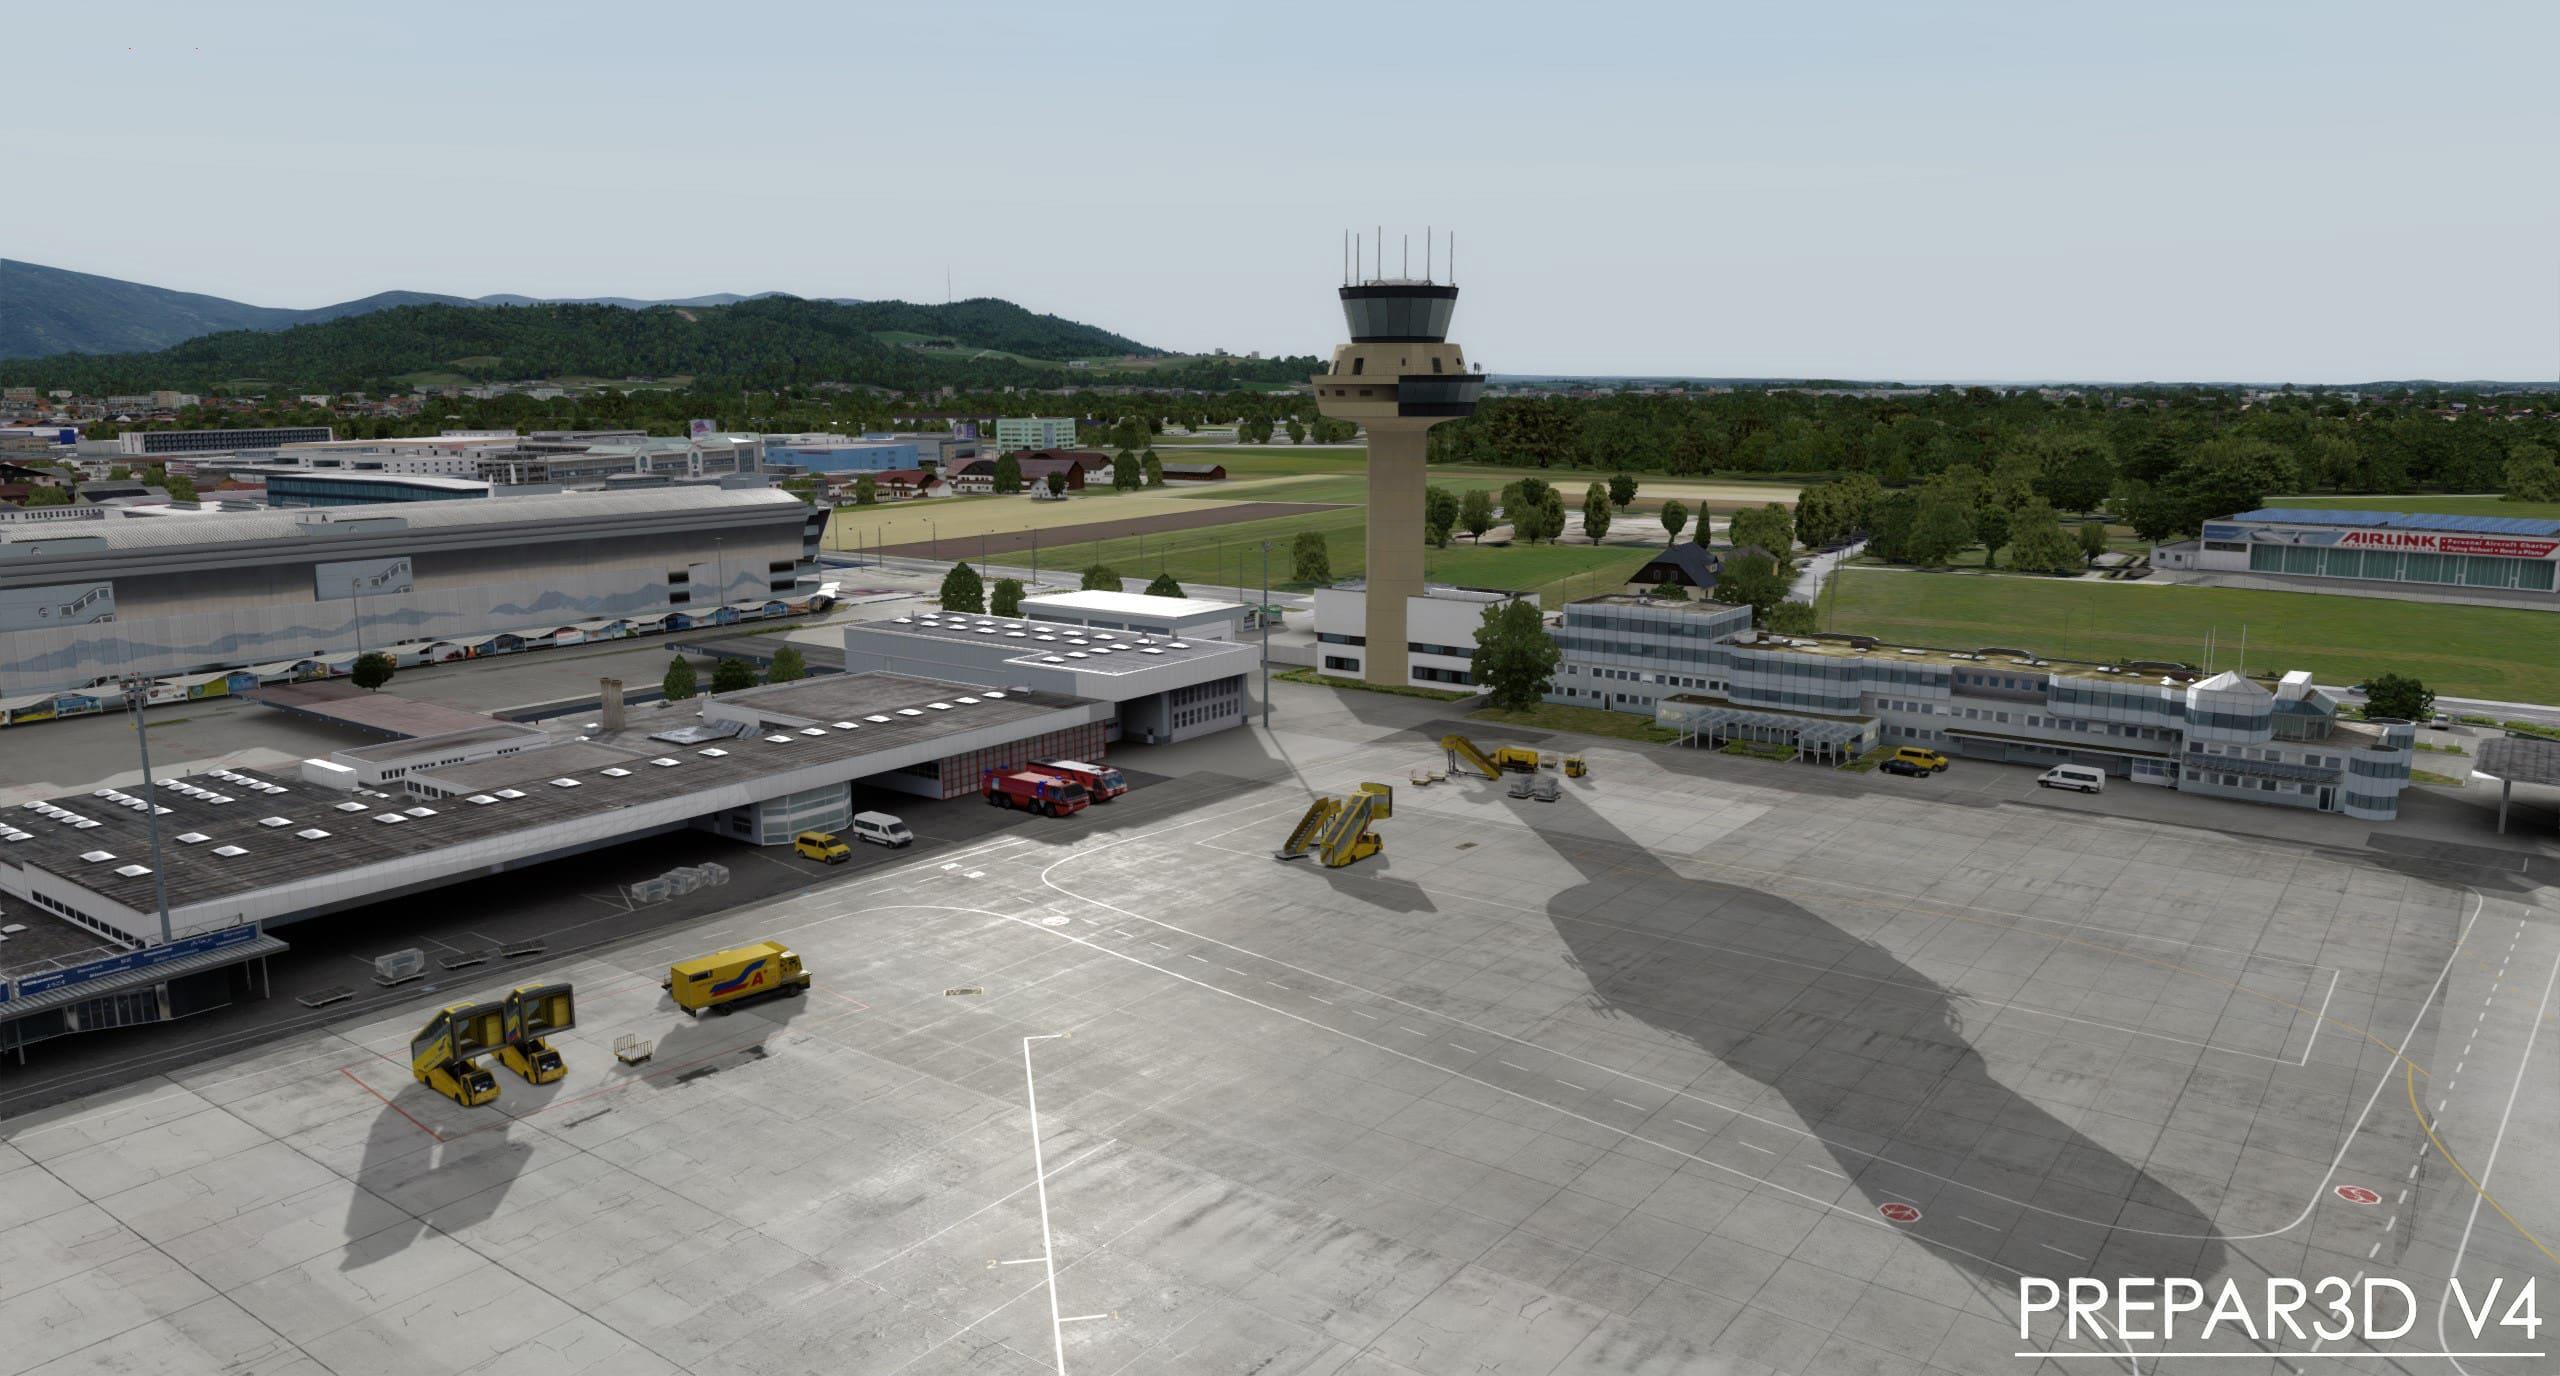 Fsx Airport Scenery Sketches - gridhill